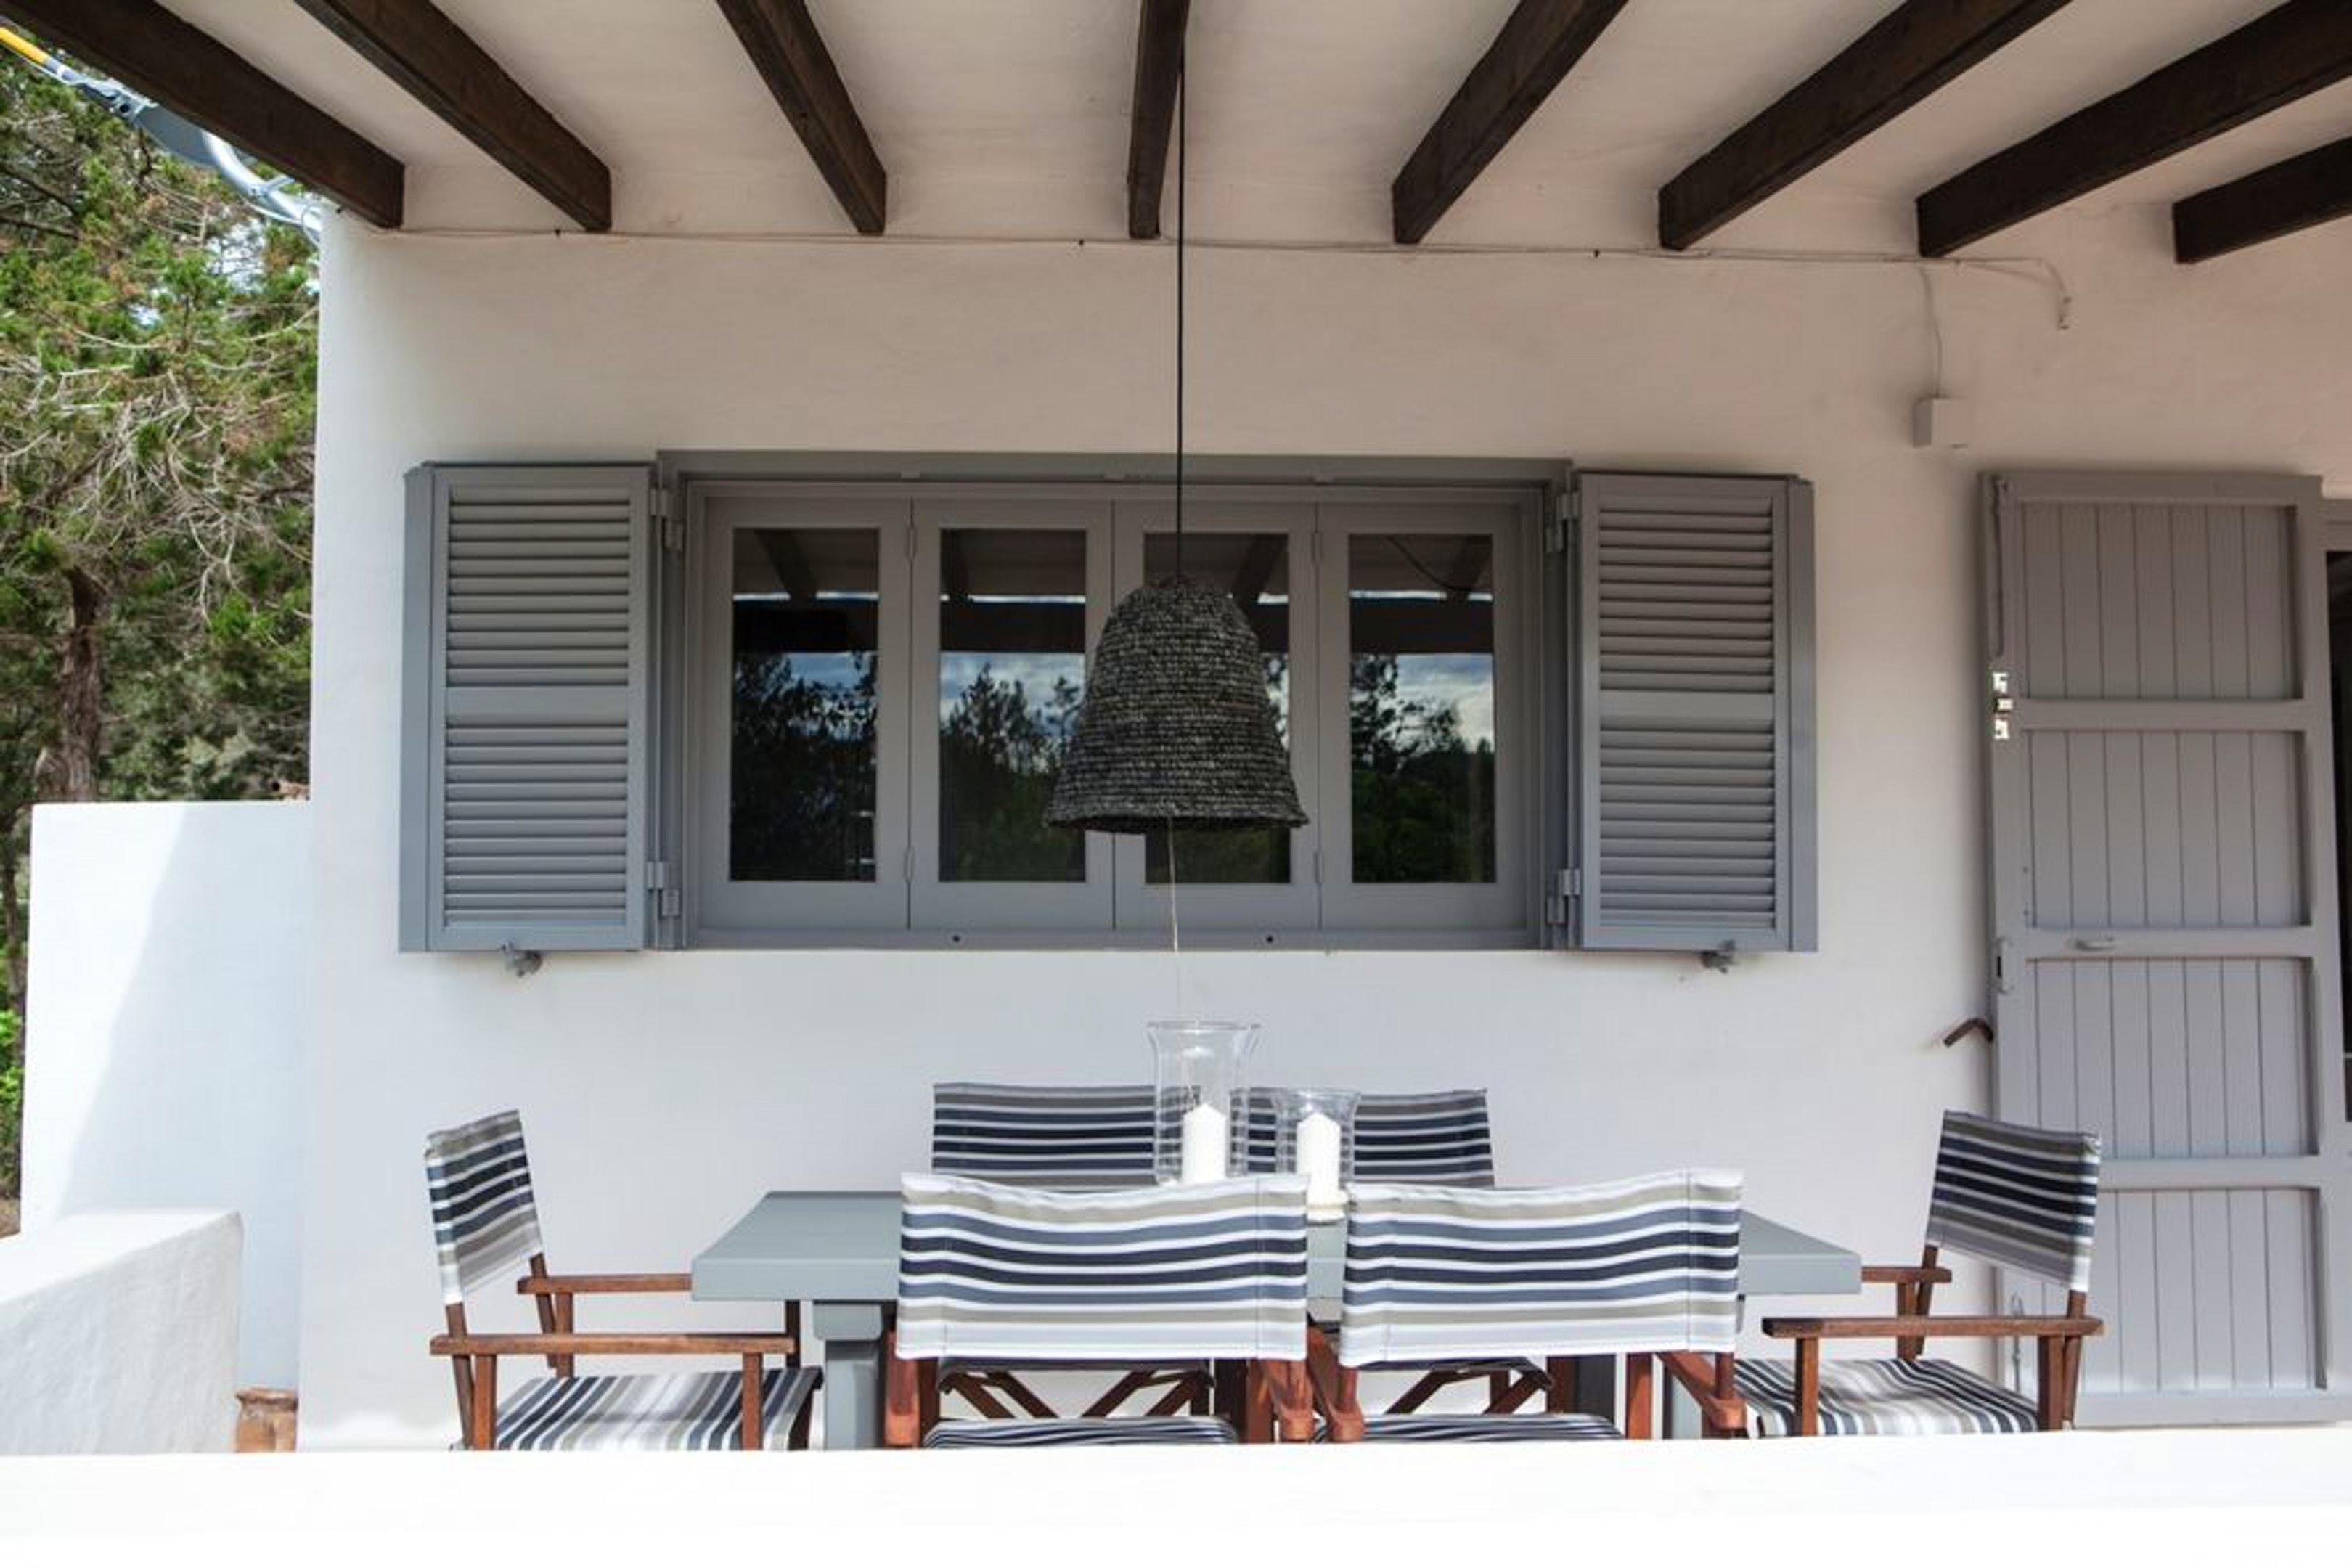 Maison de vacances Haus mit 3 Schlafzimmern in Formentera mit eingezäuntem Garten und W-LAN - 5 km vom Strand (2620580), San Francisco Javier, Formentera, Iles Baléares, Espagne, image 4